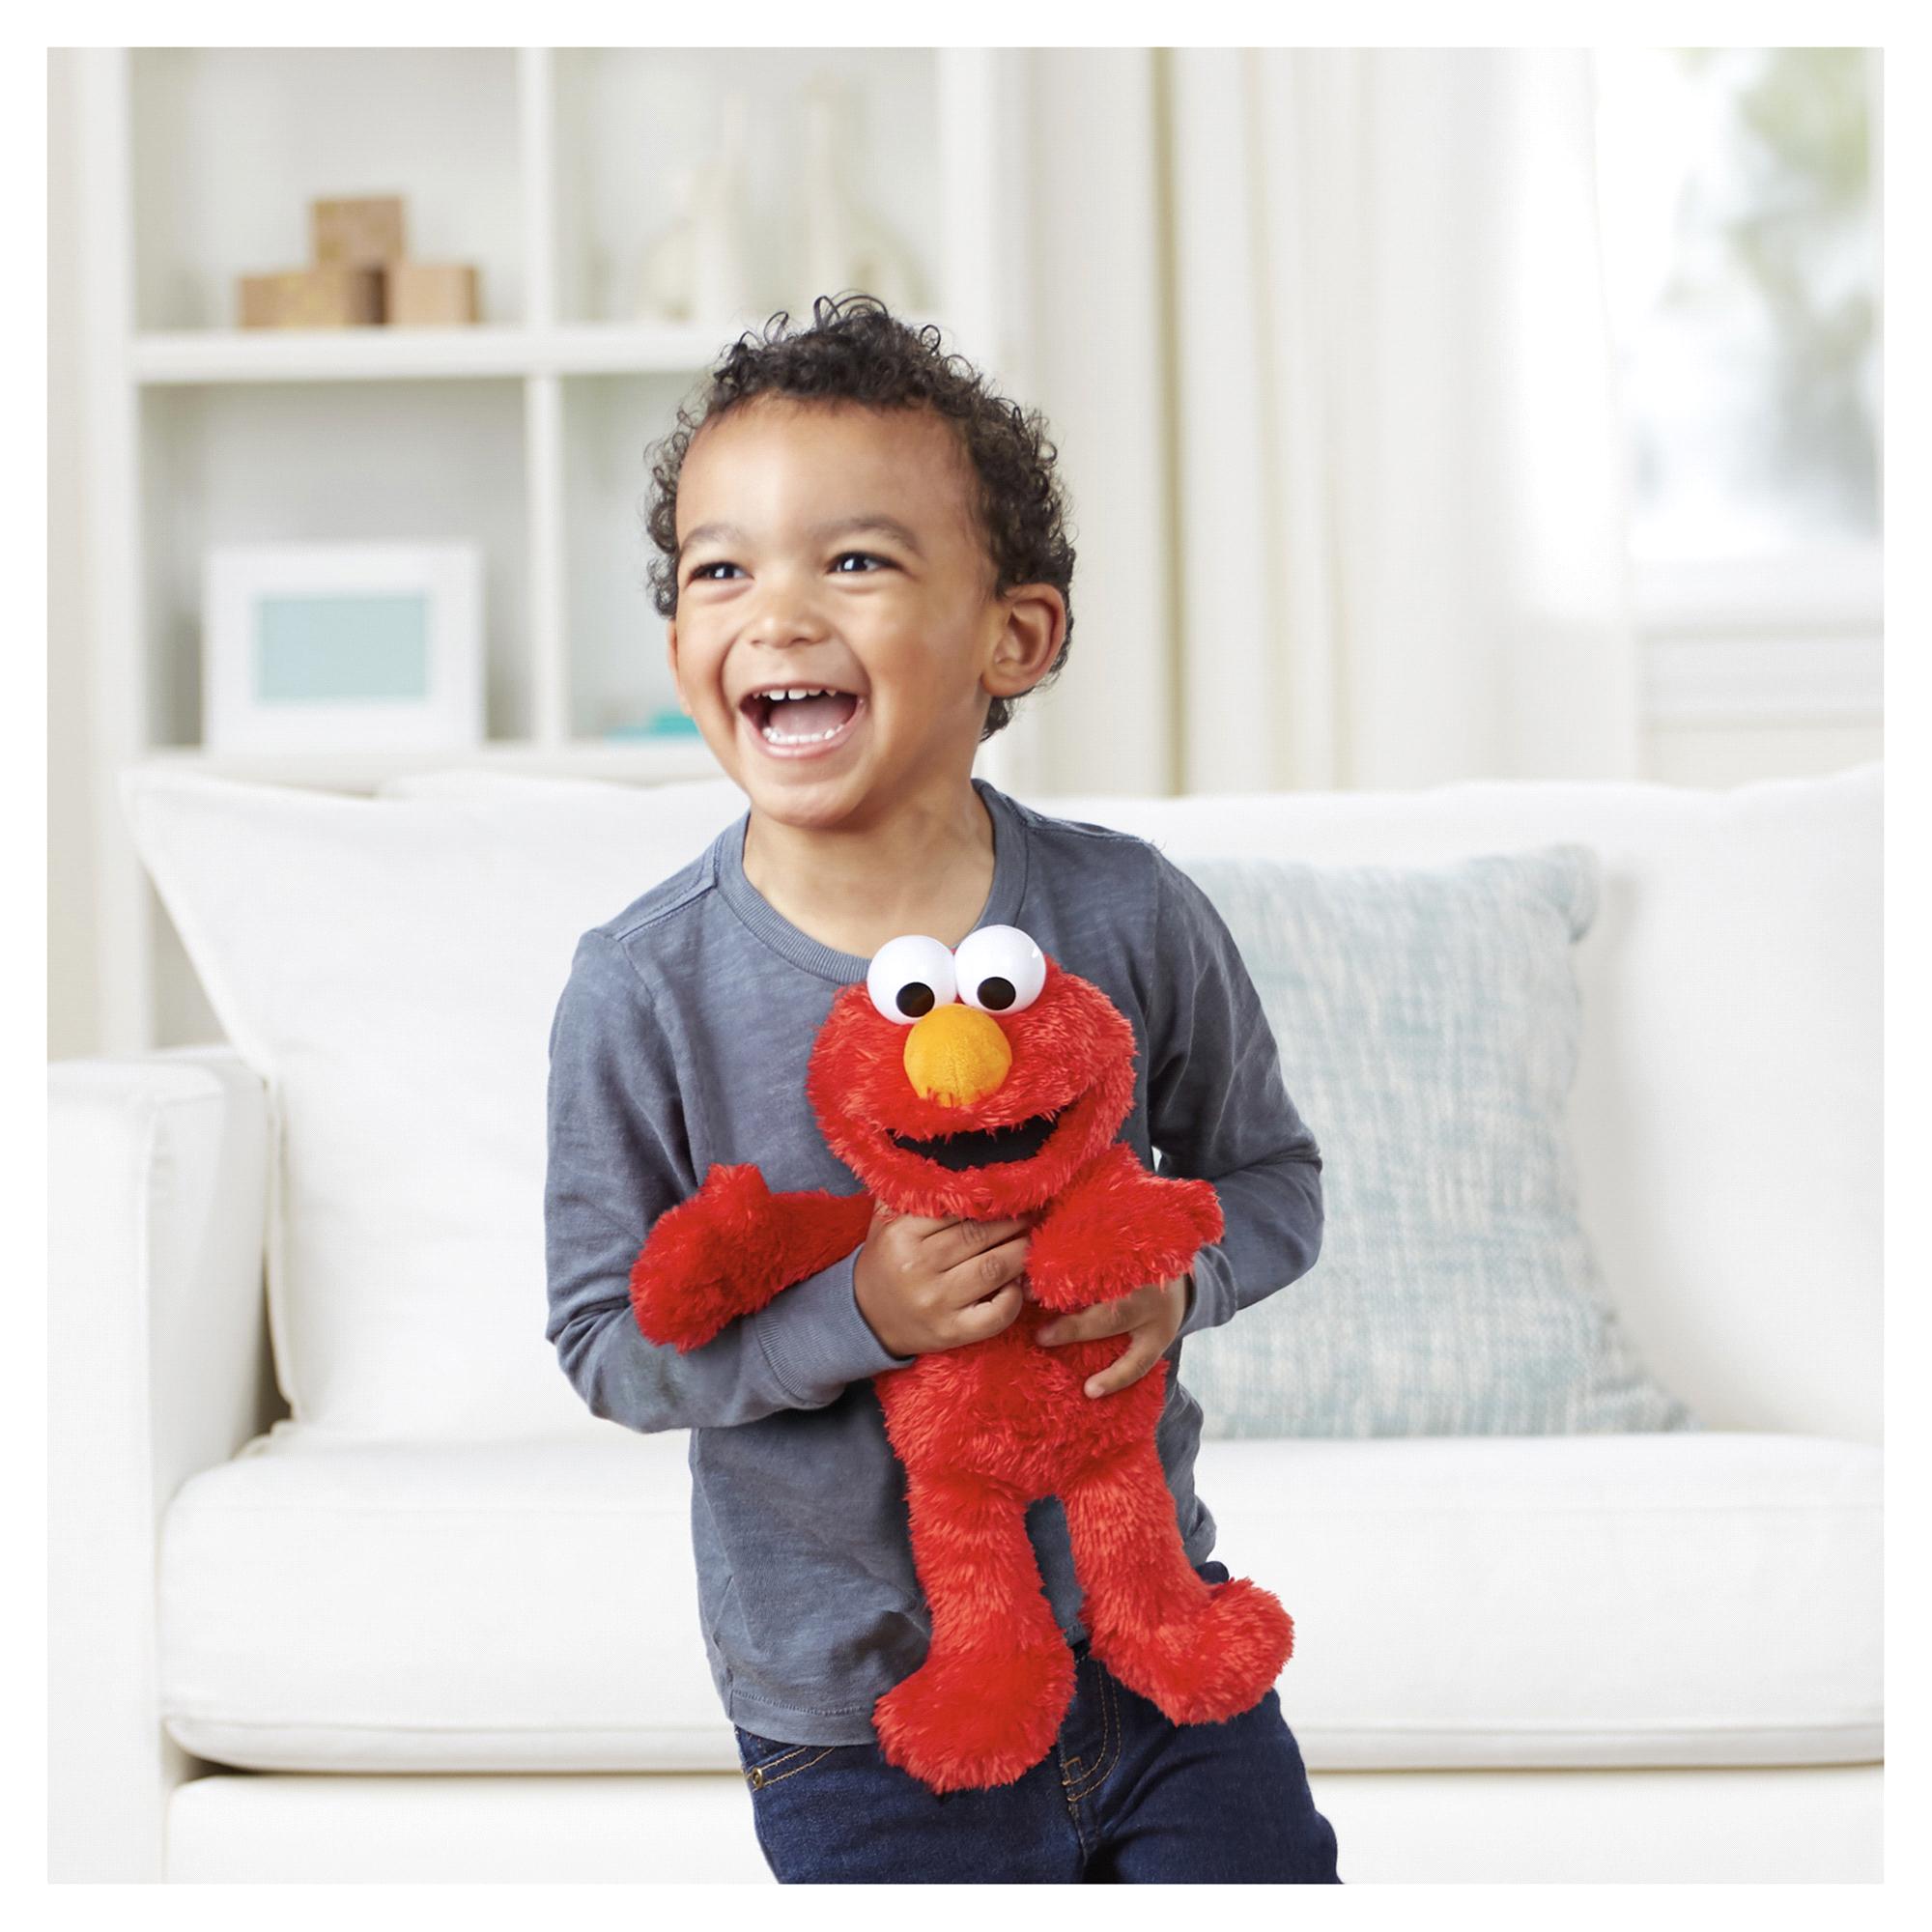 Playskool Friends Sesame Street Tickle Me Elmo Cuddle Pajamas Red The Angry Birds Movie